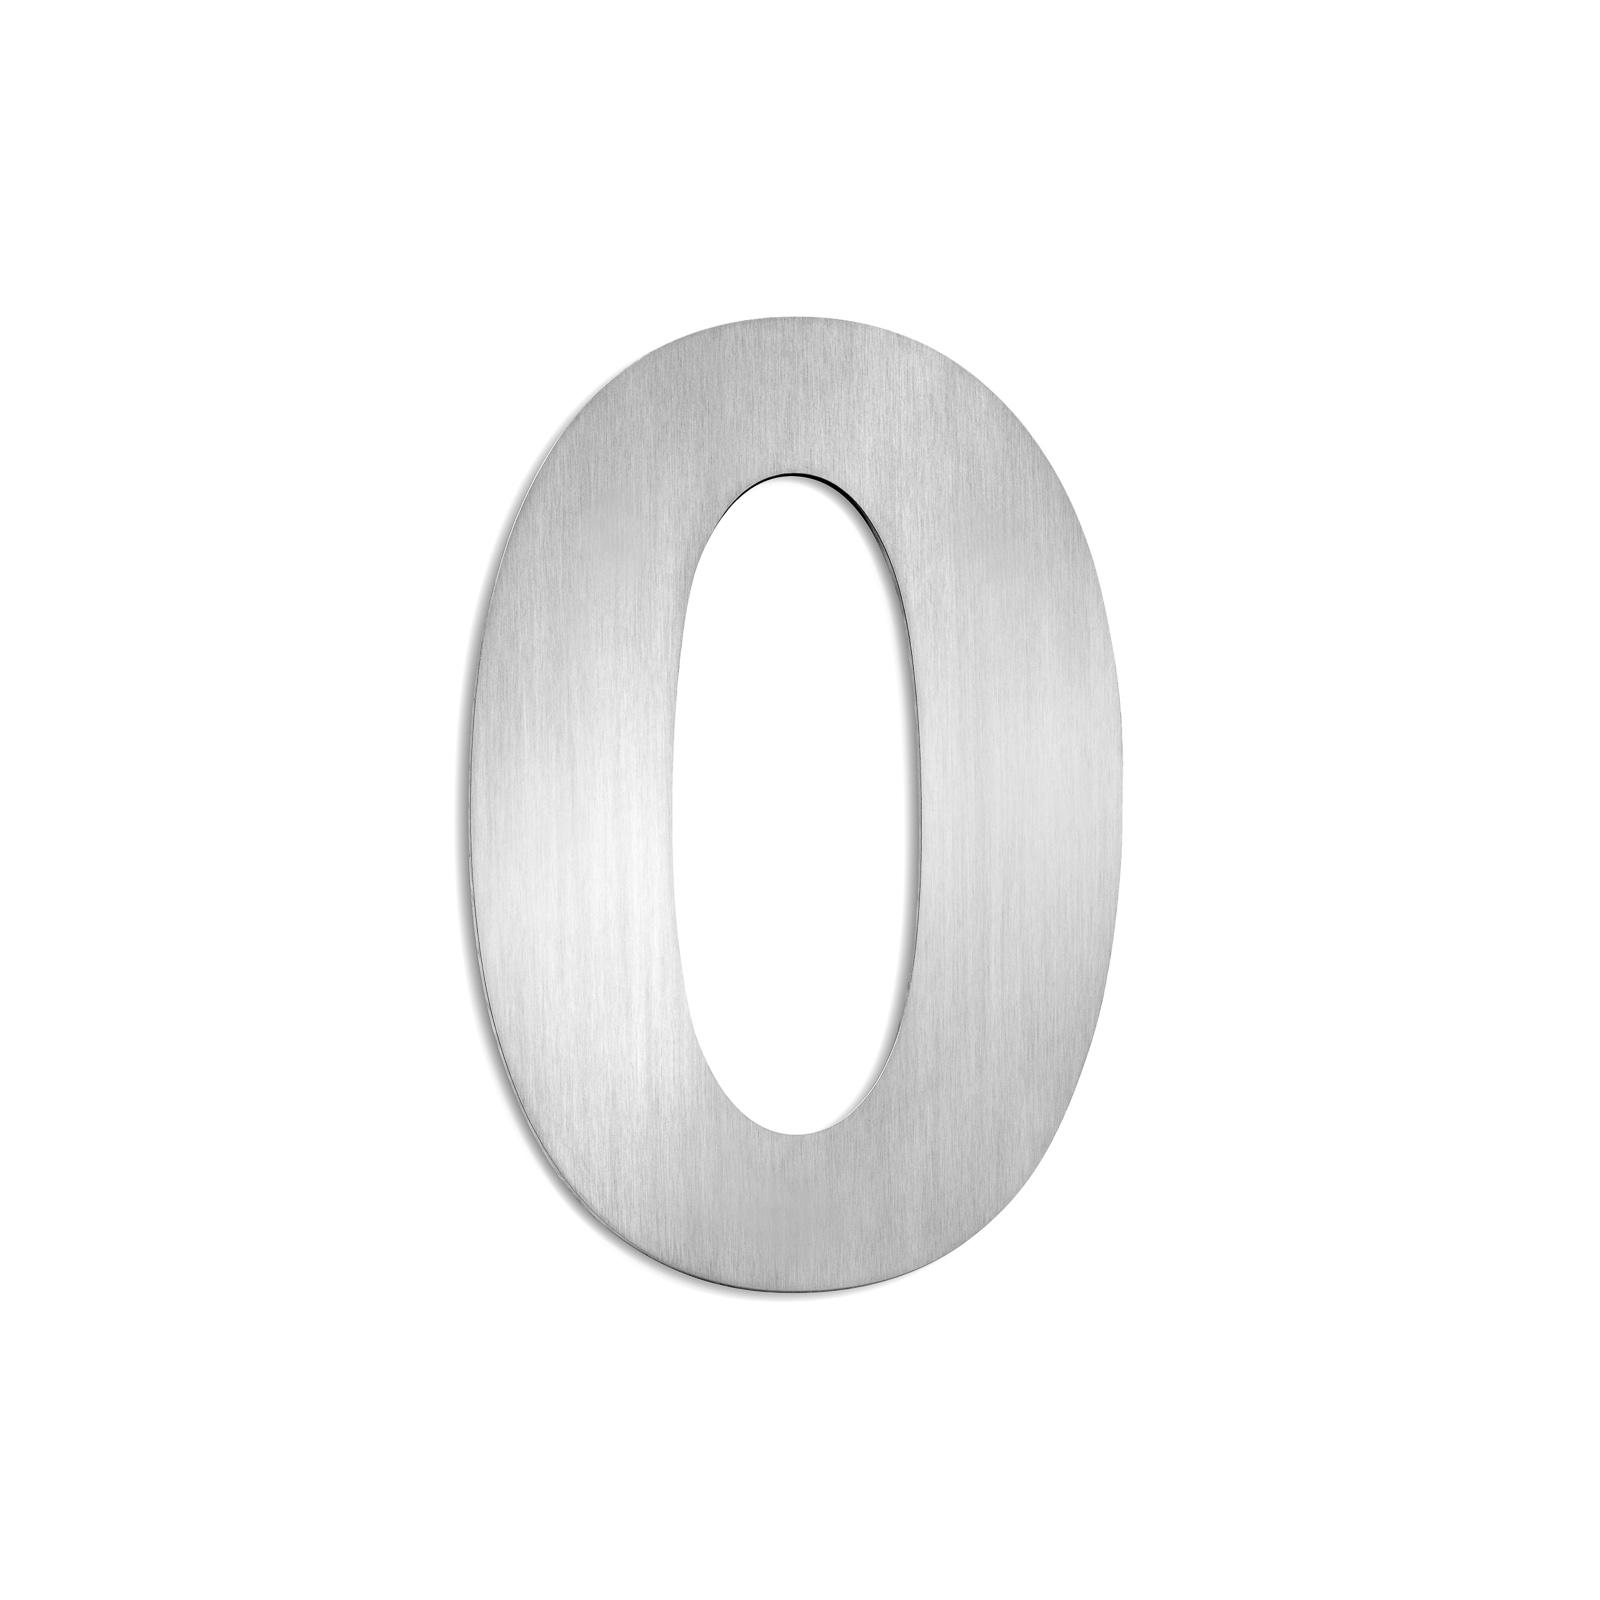 Domovní čísla z ušlechtilé oceli velikost 0